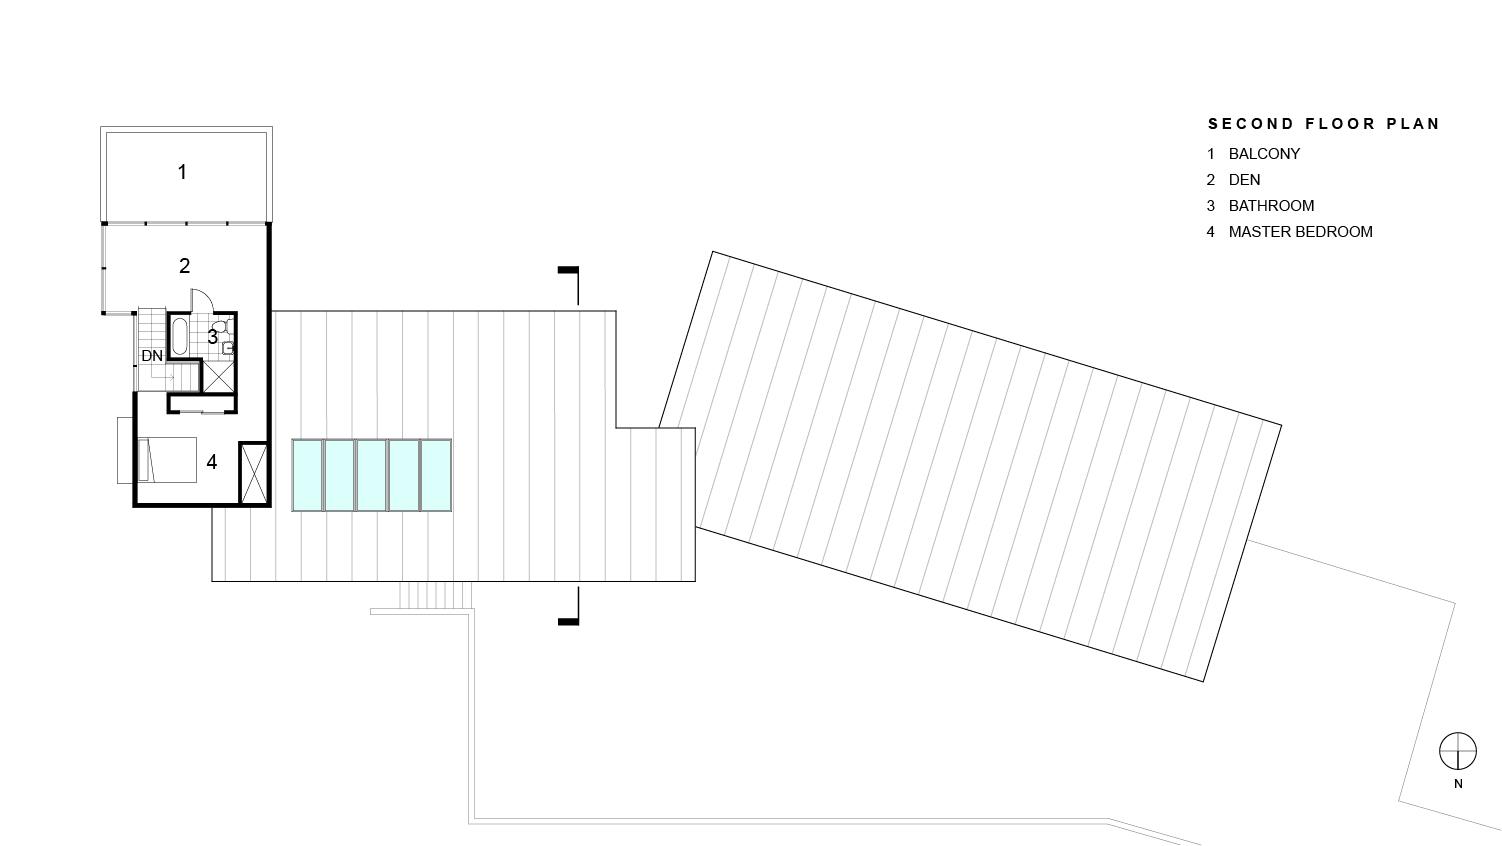 buck-hill-falls-second-floor-plan